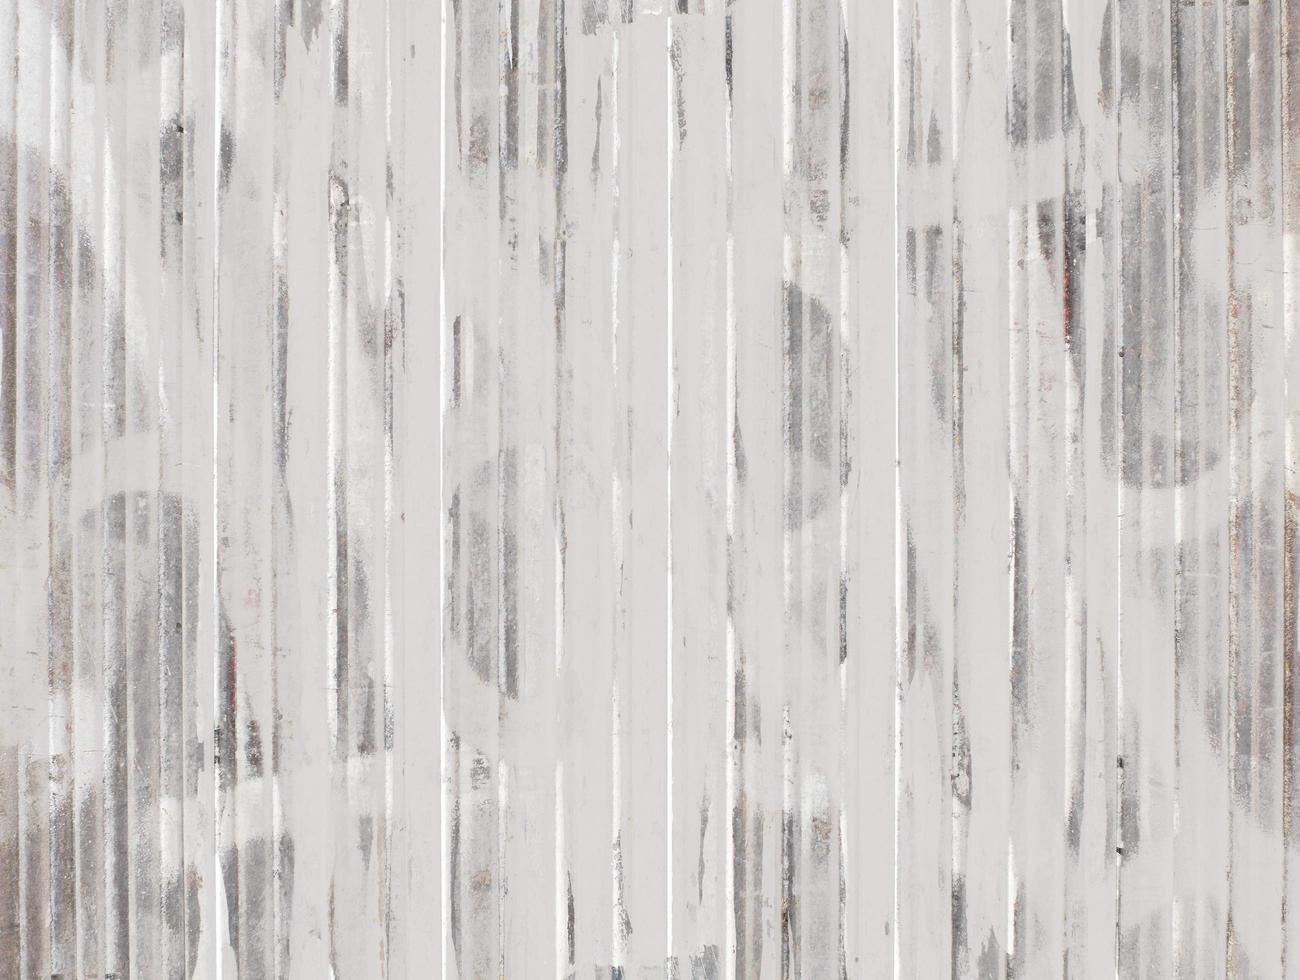 textura de acero óxido abstracto foto